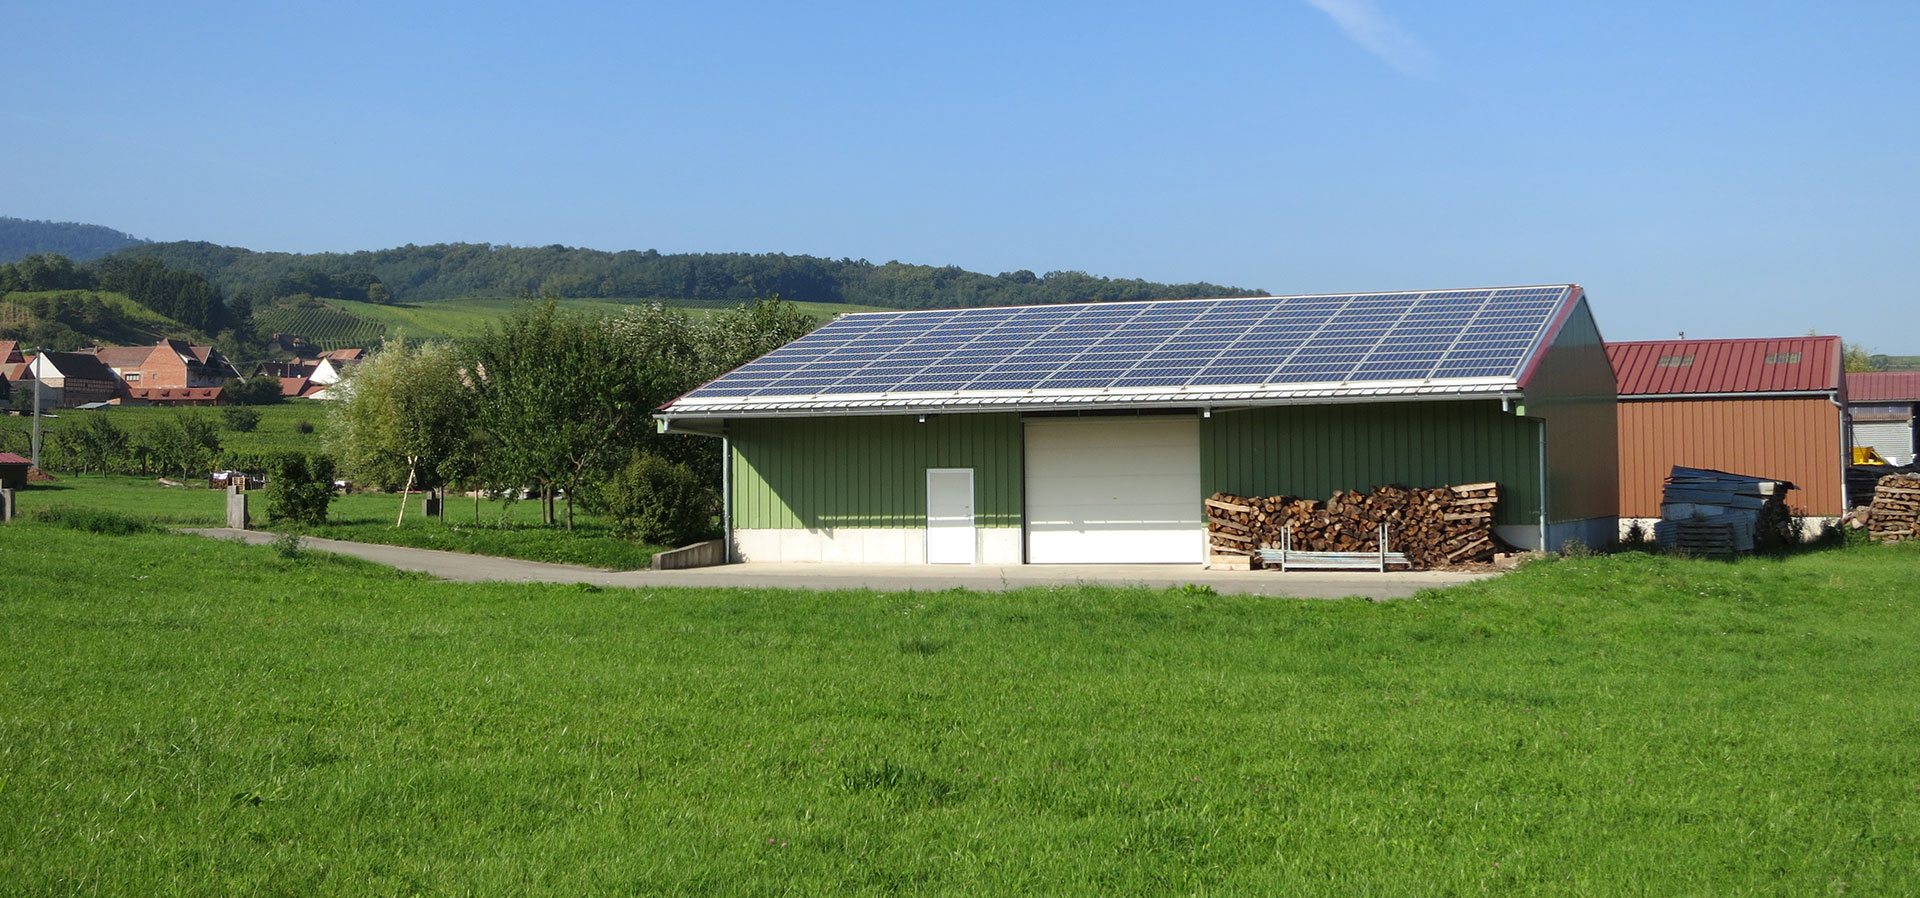 Nos r alisations jk energie - Hangar photovoltaique agricole gratuit ...